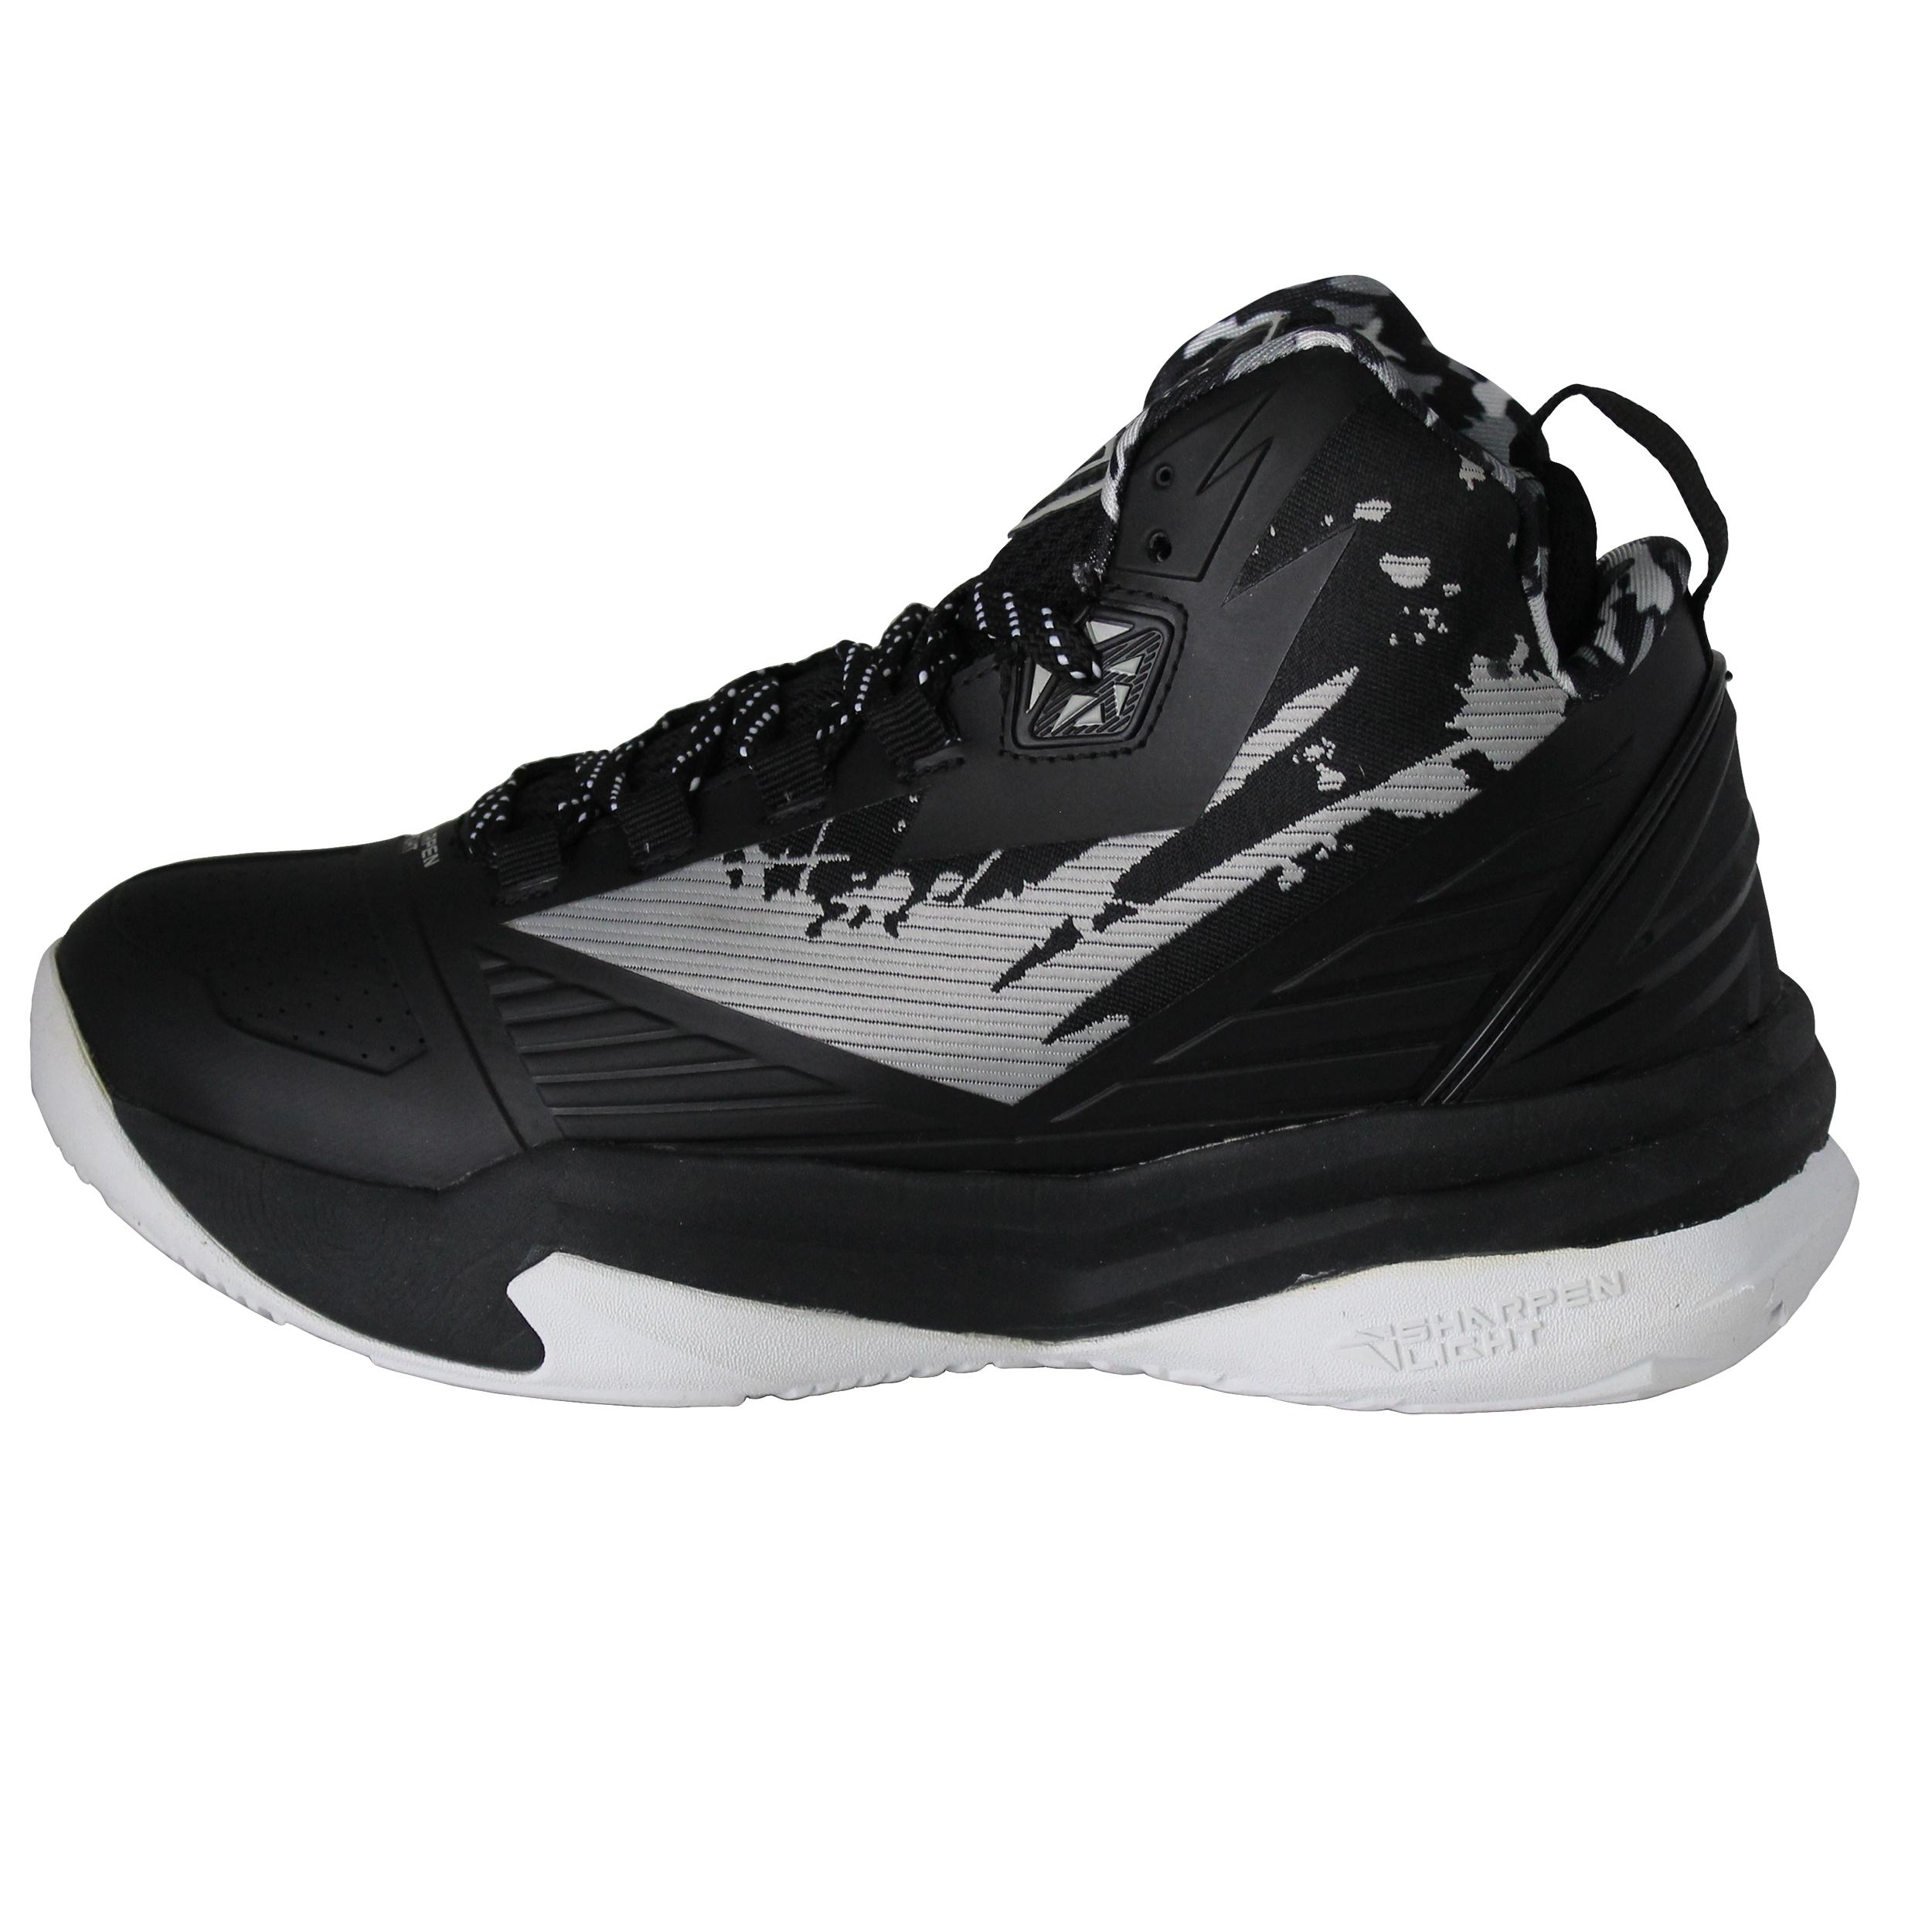 خرید                      کفش بسکتبال مردانه سی بی ای مدل sharpen light              👟